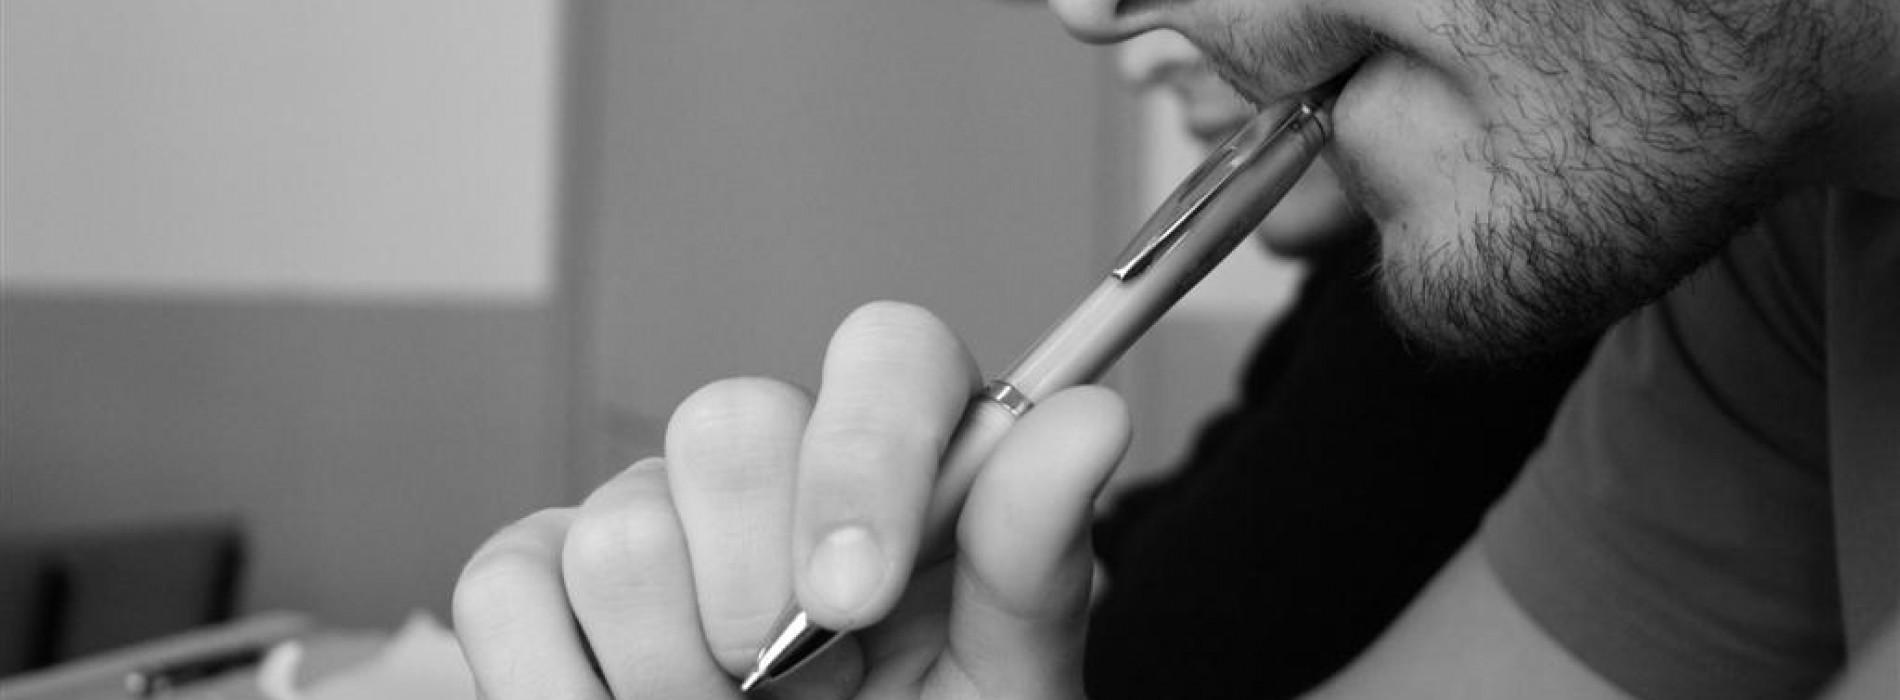 Odmowa wykonania polecenia służbowego– Kiedy zrobisz to bezkarnie?